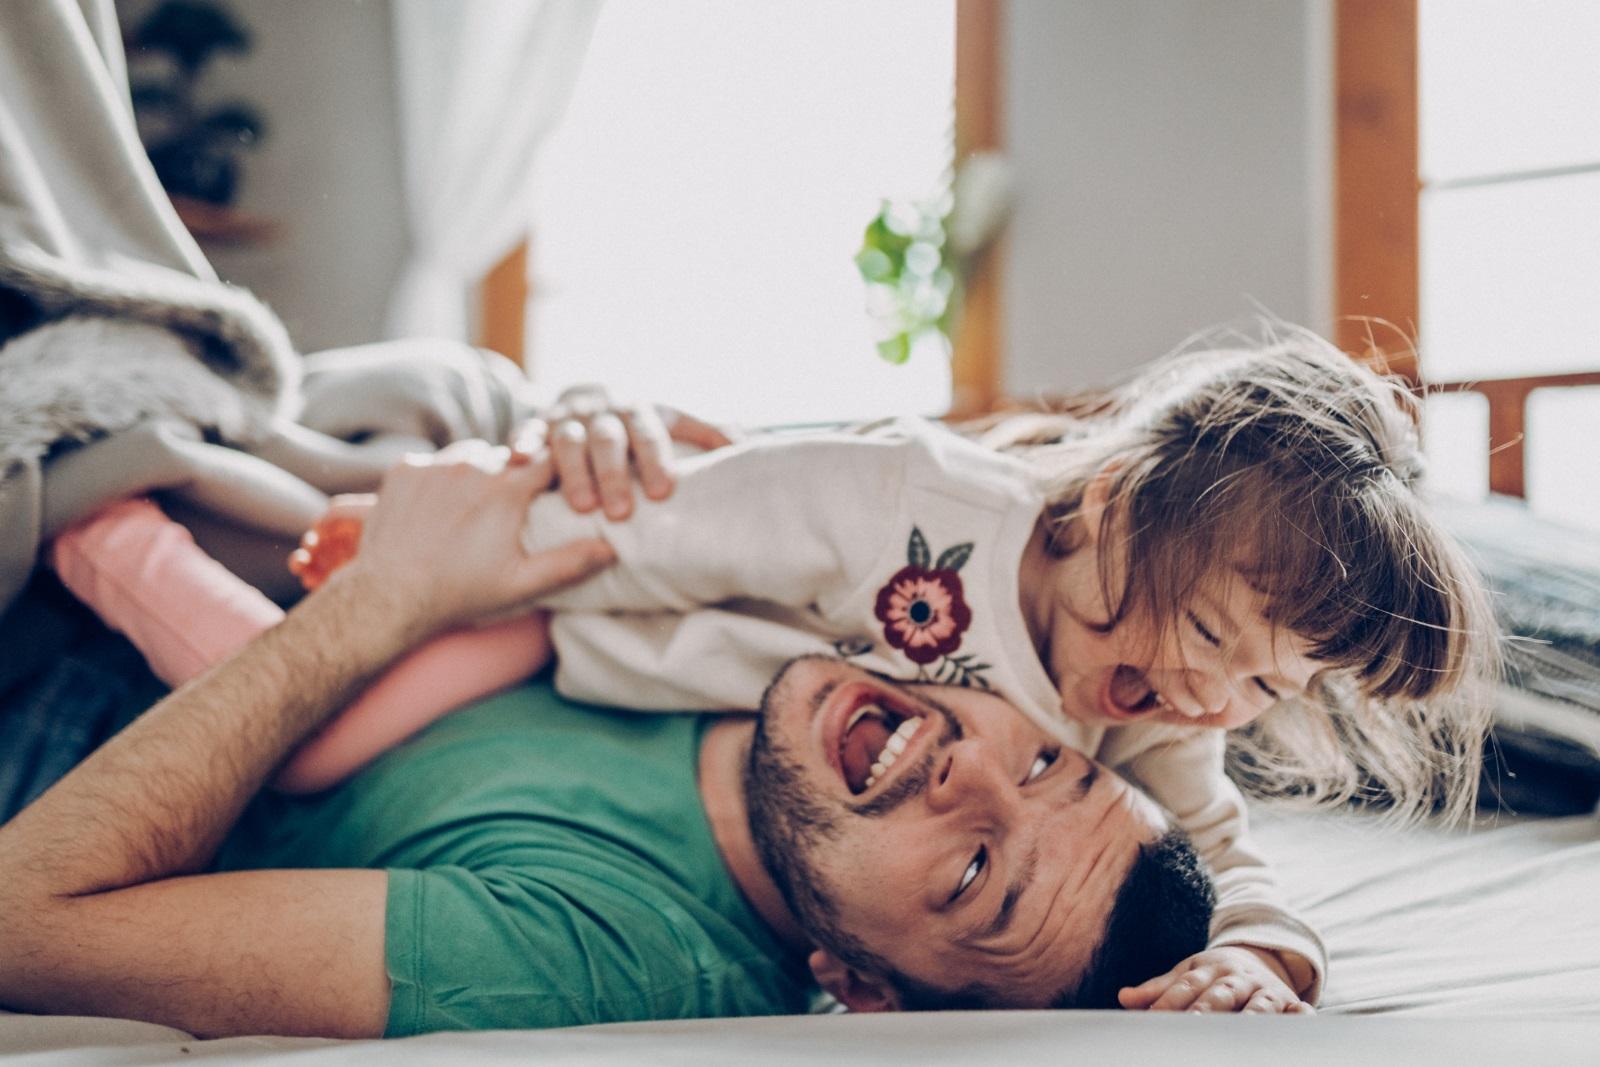 <br /> Детето Риби<br /> Най-емоционалните и сетивни деца безспорно са представители на този знак. Емоционалното разбиране дори към привидно незначителни случки е много важно за тези деца, които попиват всичко от външния свят. Занимание с изкуство и всяко начинание, което активизира тяхното въображение, е подходящо за баланса между реалността и света на фантазията. Често решенията могат да ви изглеждат неразбираеми, но детето Риби се е вслушвало в своята интуиция, която му помага повече от всички логични избори.